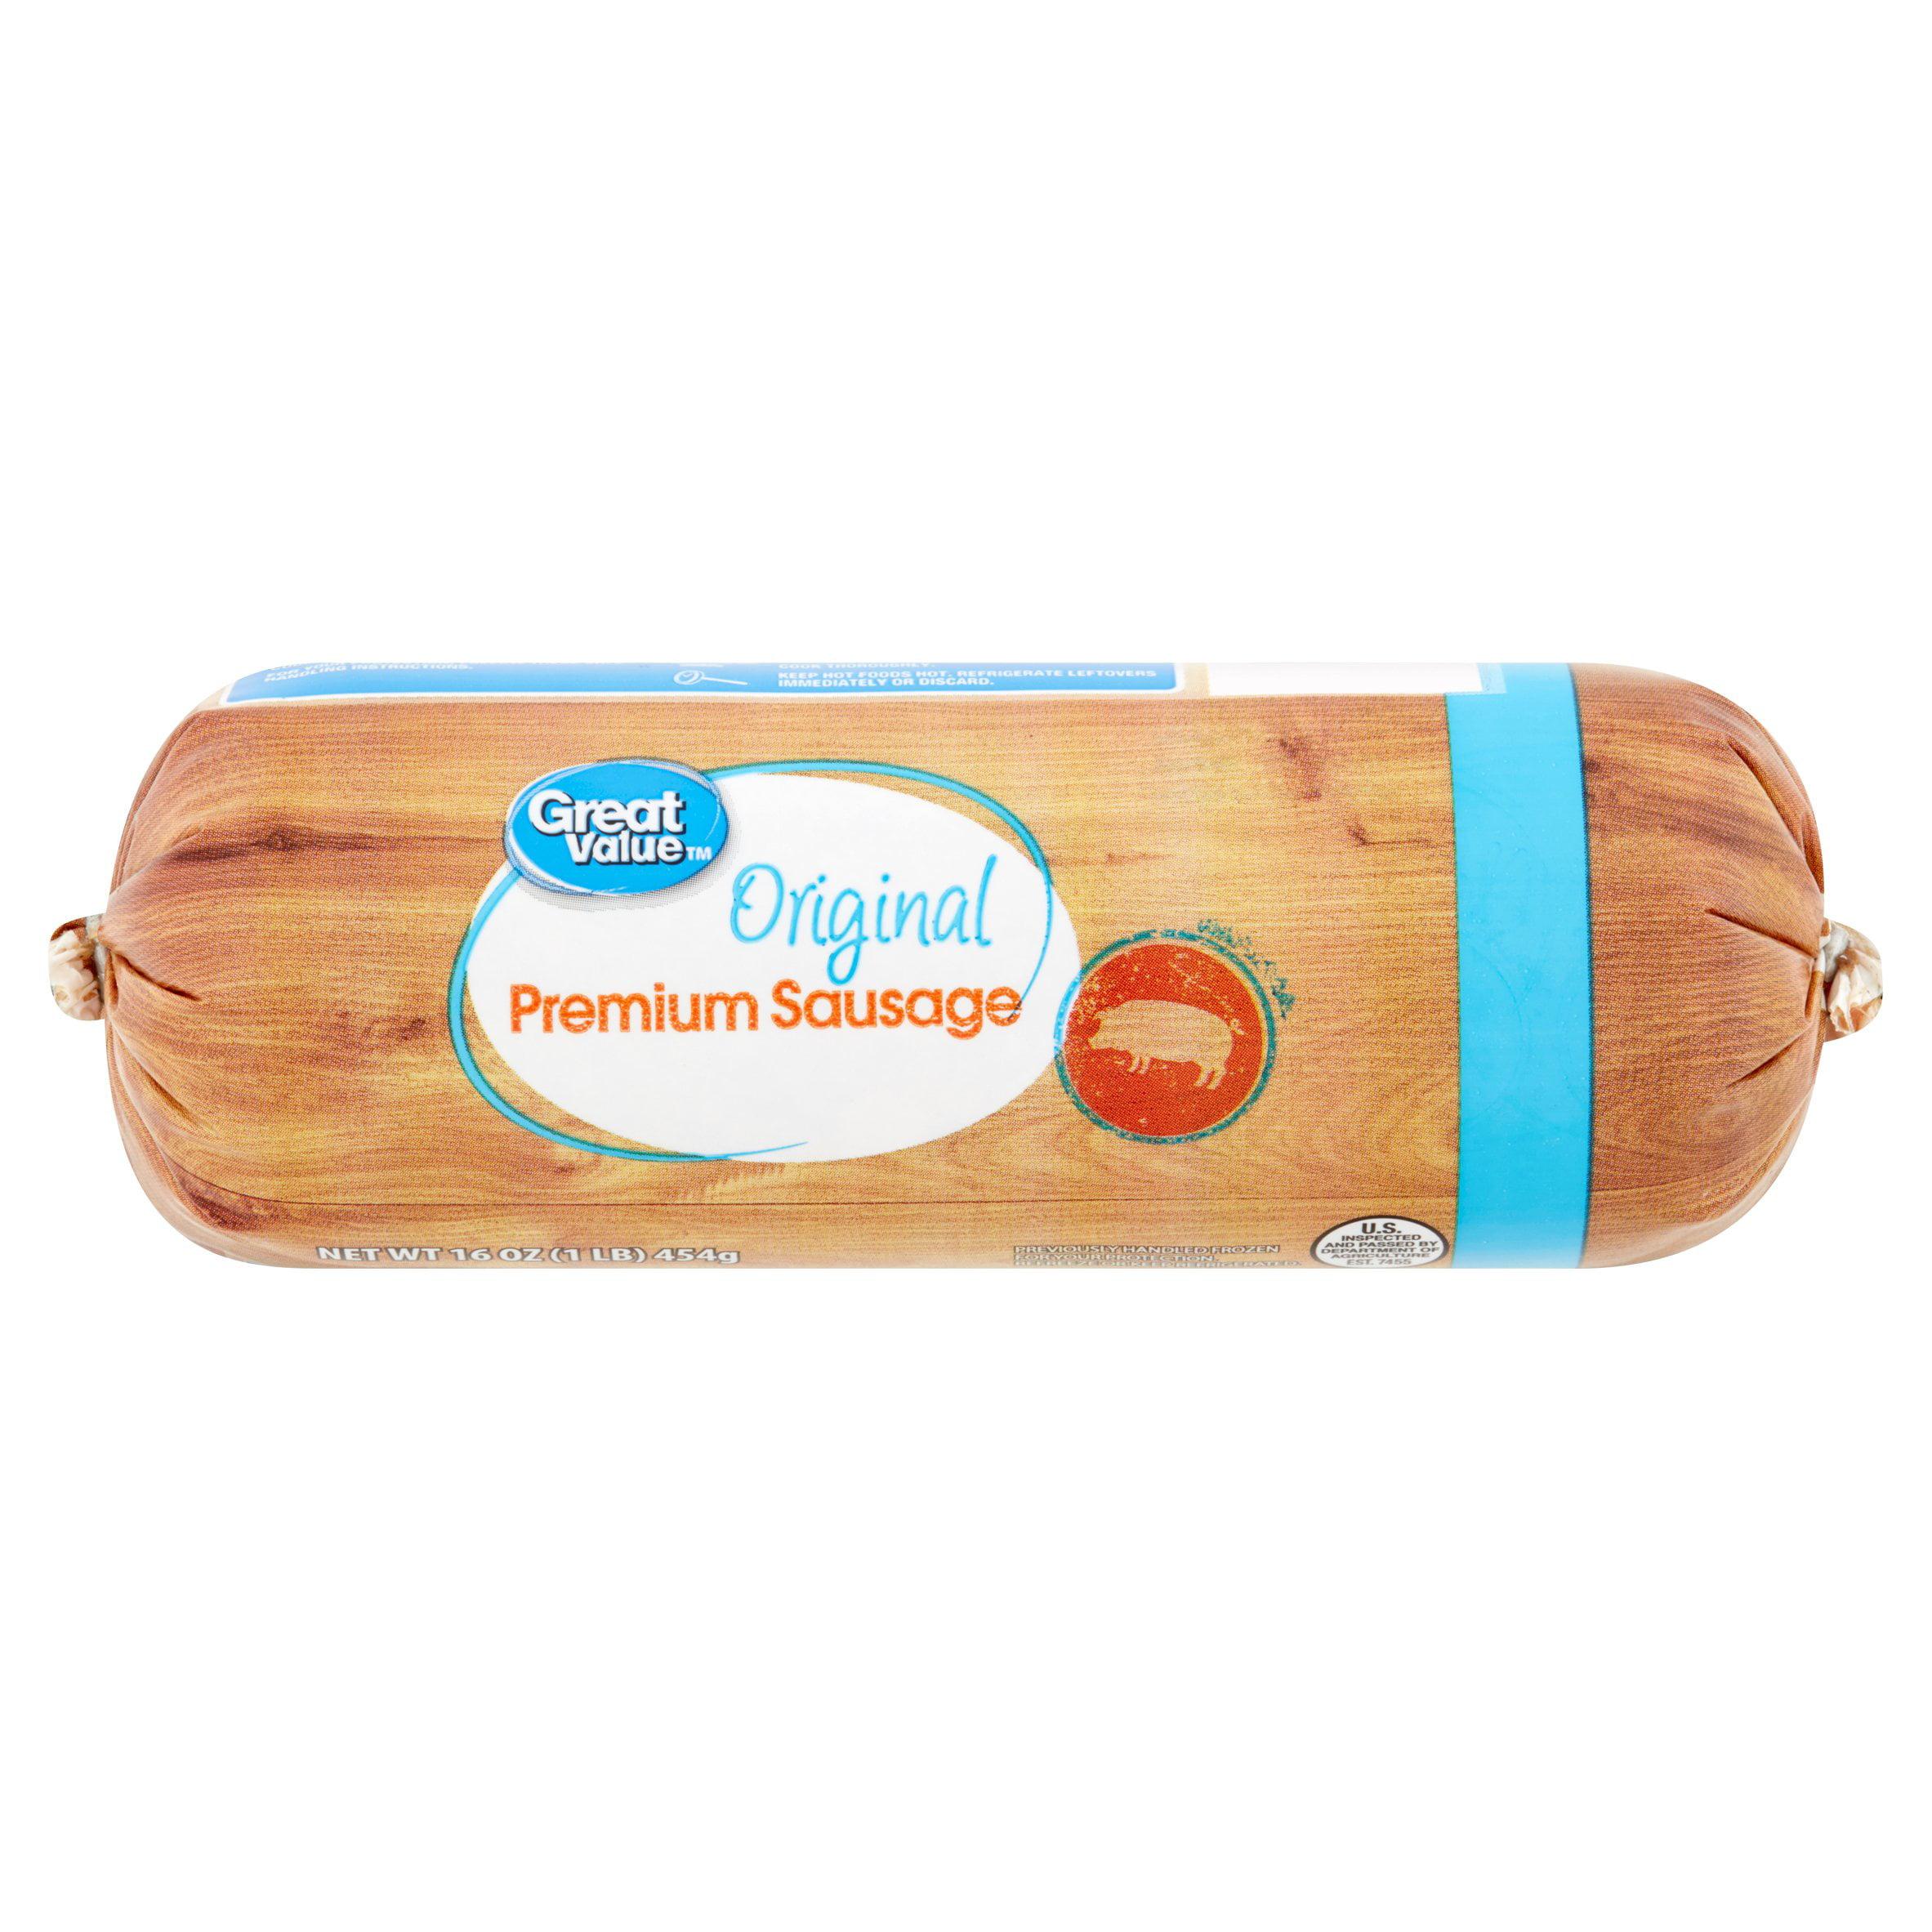 Great Value Original Premium Sausage, 16 Oz.